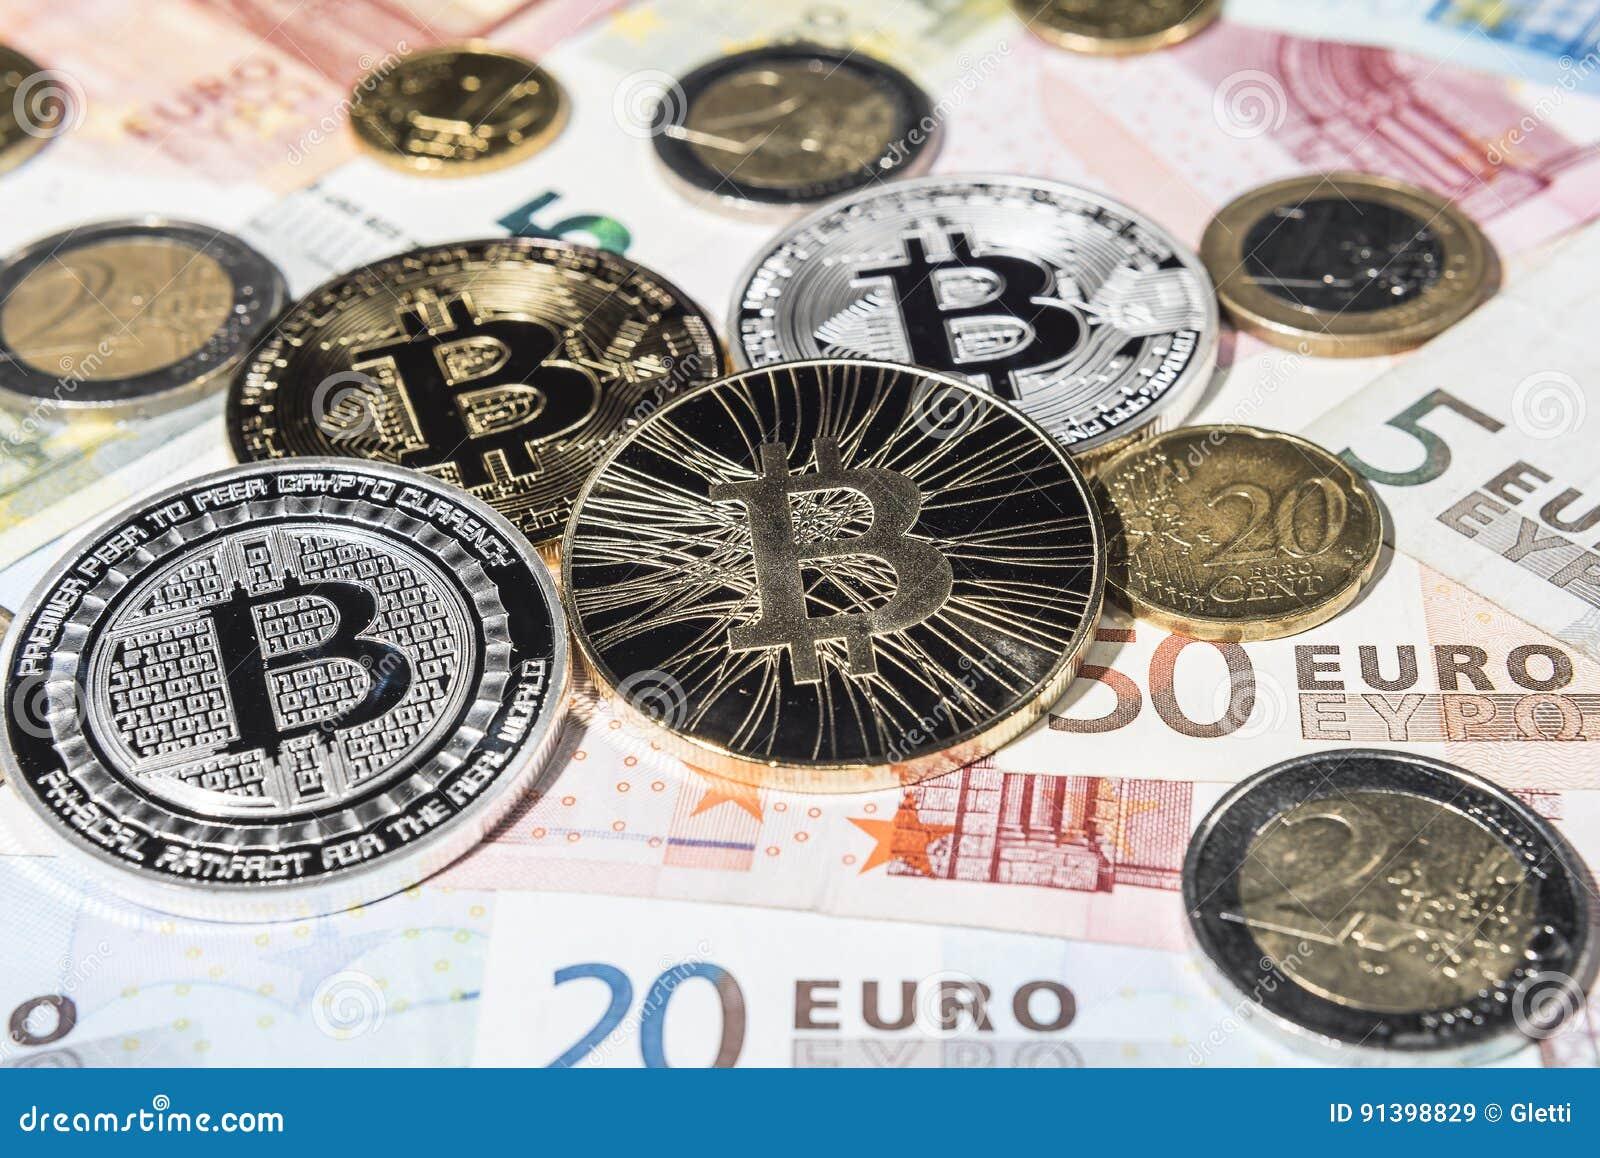 20 euro btc